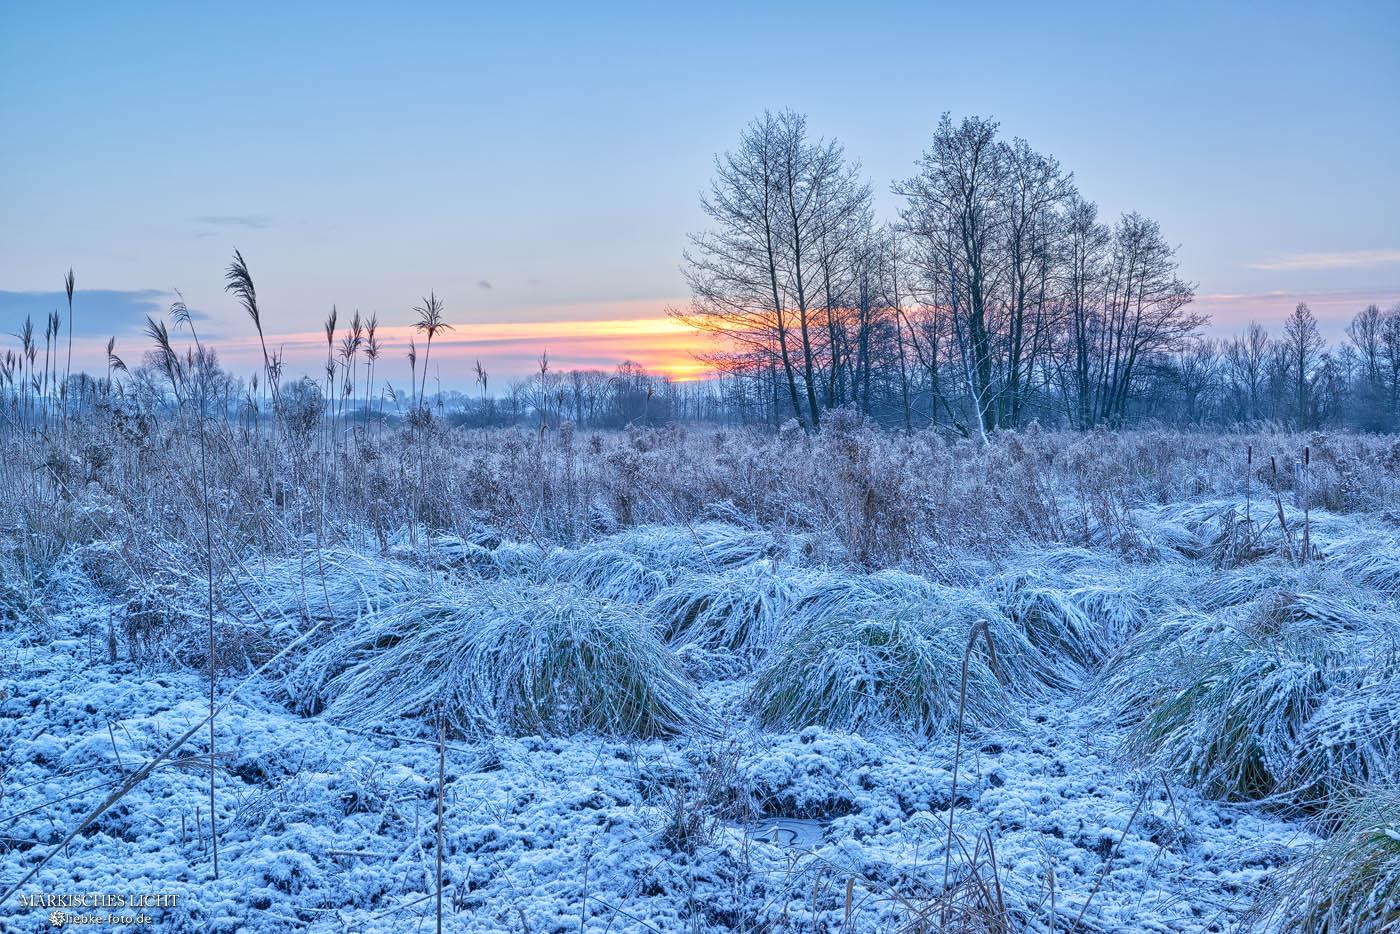 Morgens in Glienicke, Nikon D800, RAW